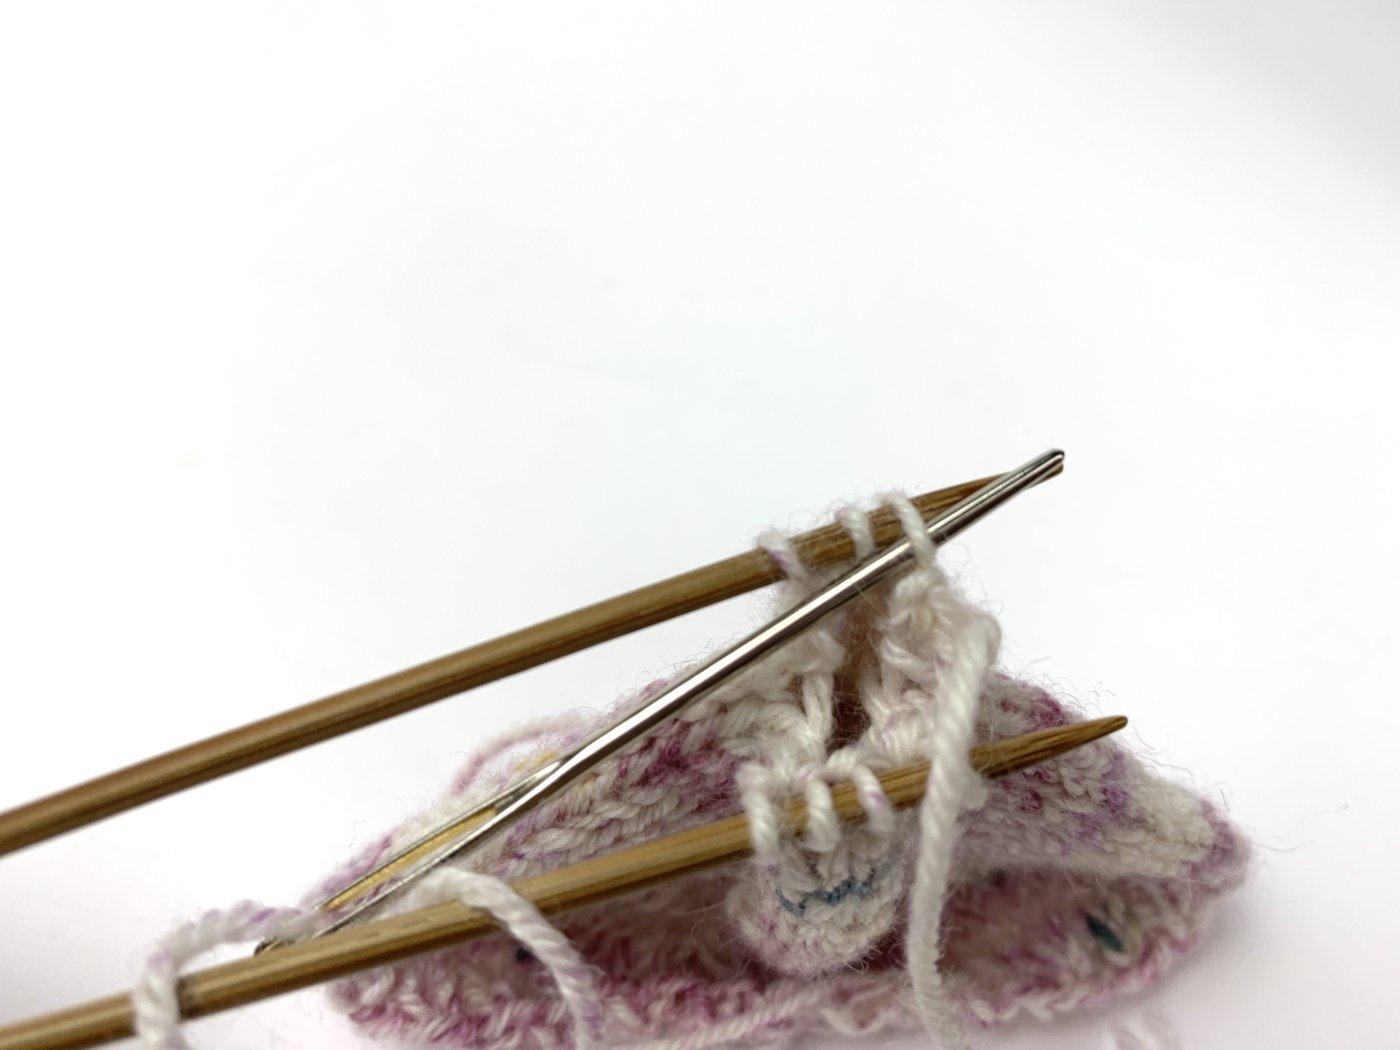 Wie zum Rechtsstricken wird die Nähnadel durch die rechte Masche auf der hinteren Nadel geschoben. Die Masche bleibt auf der Nadel.